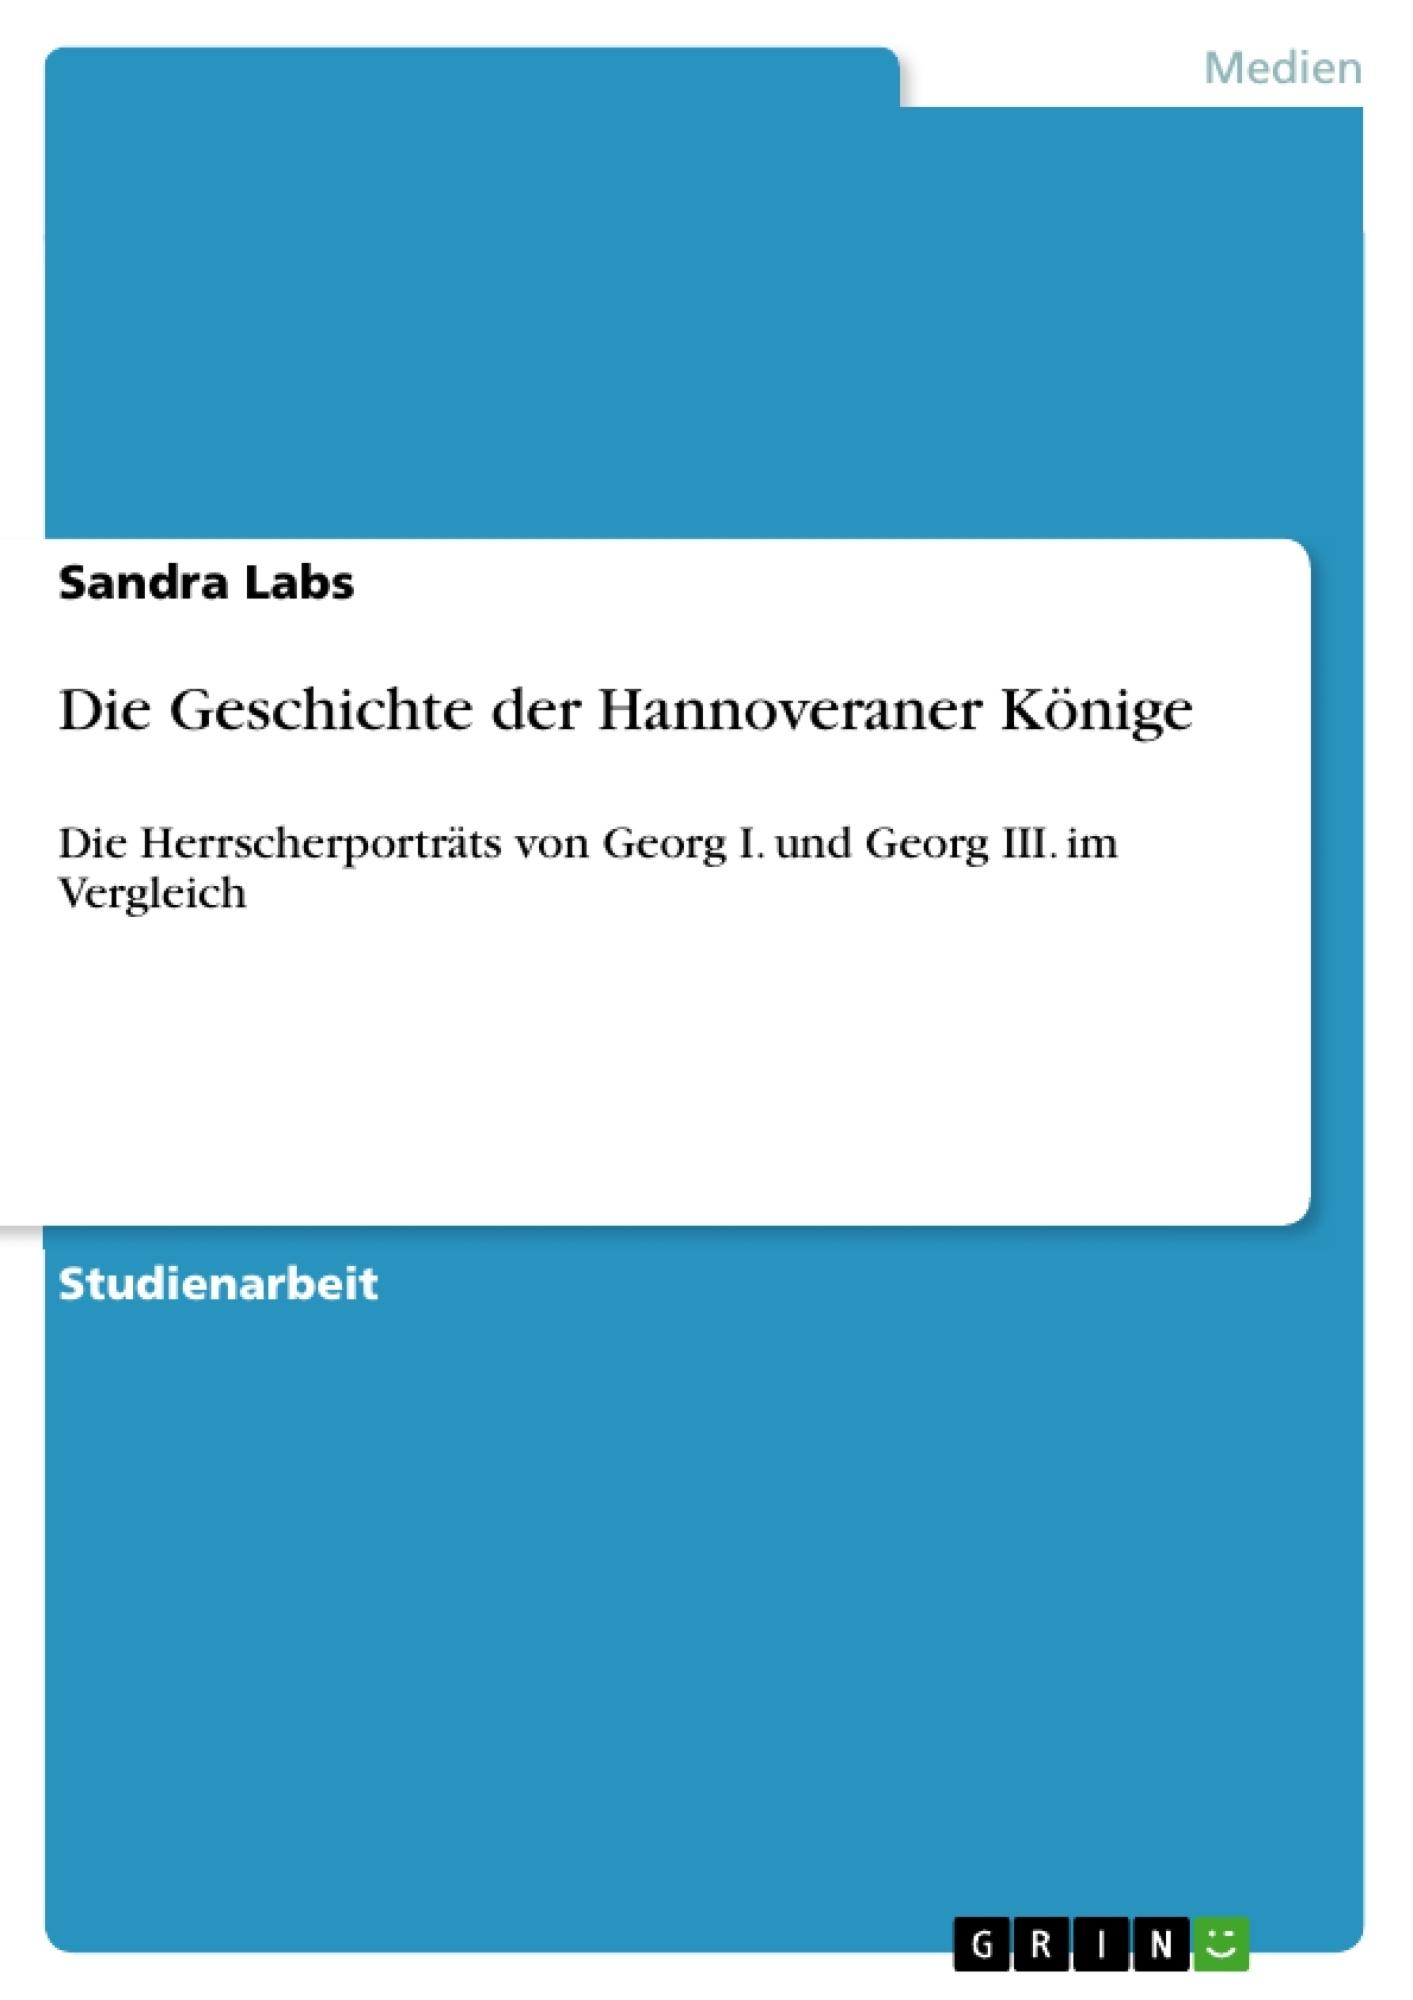 Titel: Die Geschichte der Hannoveraner Könige